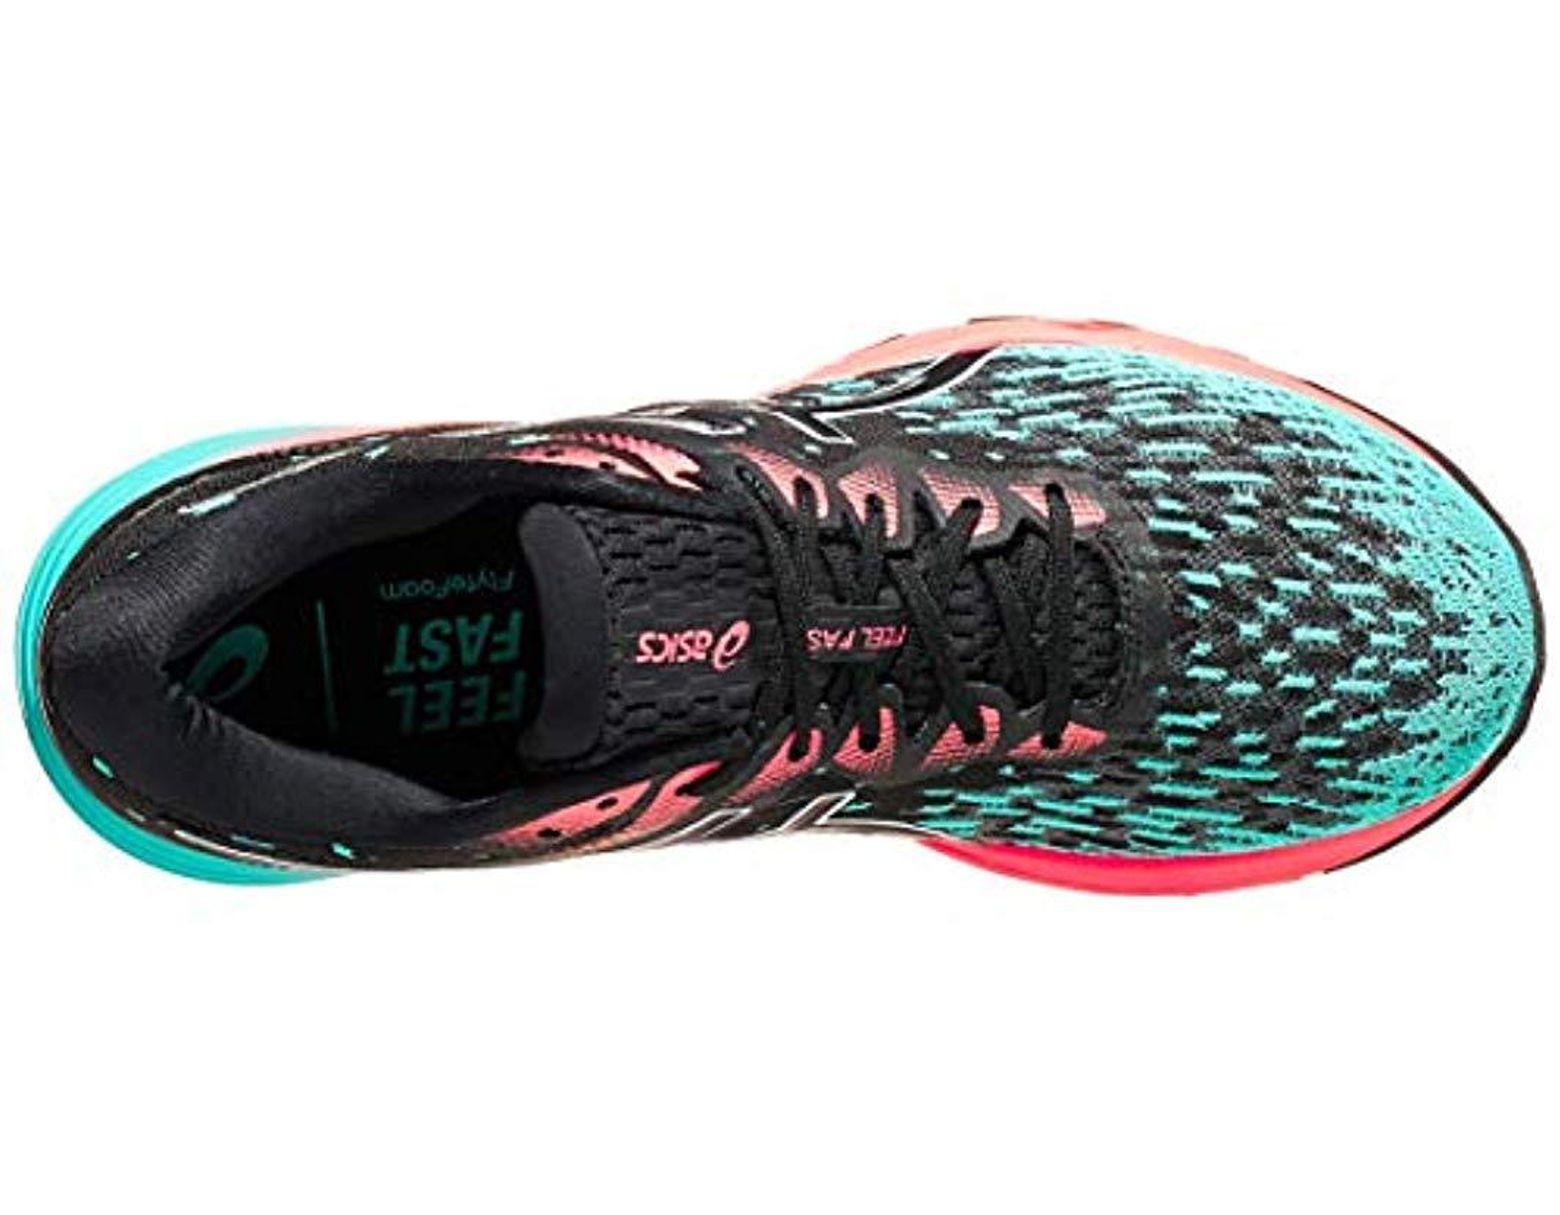 wholesale dealer f67c9 d0928 Men's Dynaflyte 4 Running Shoes